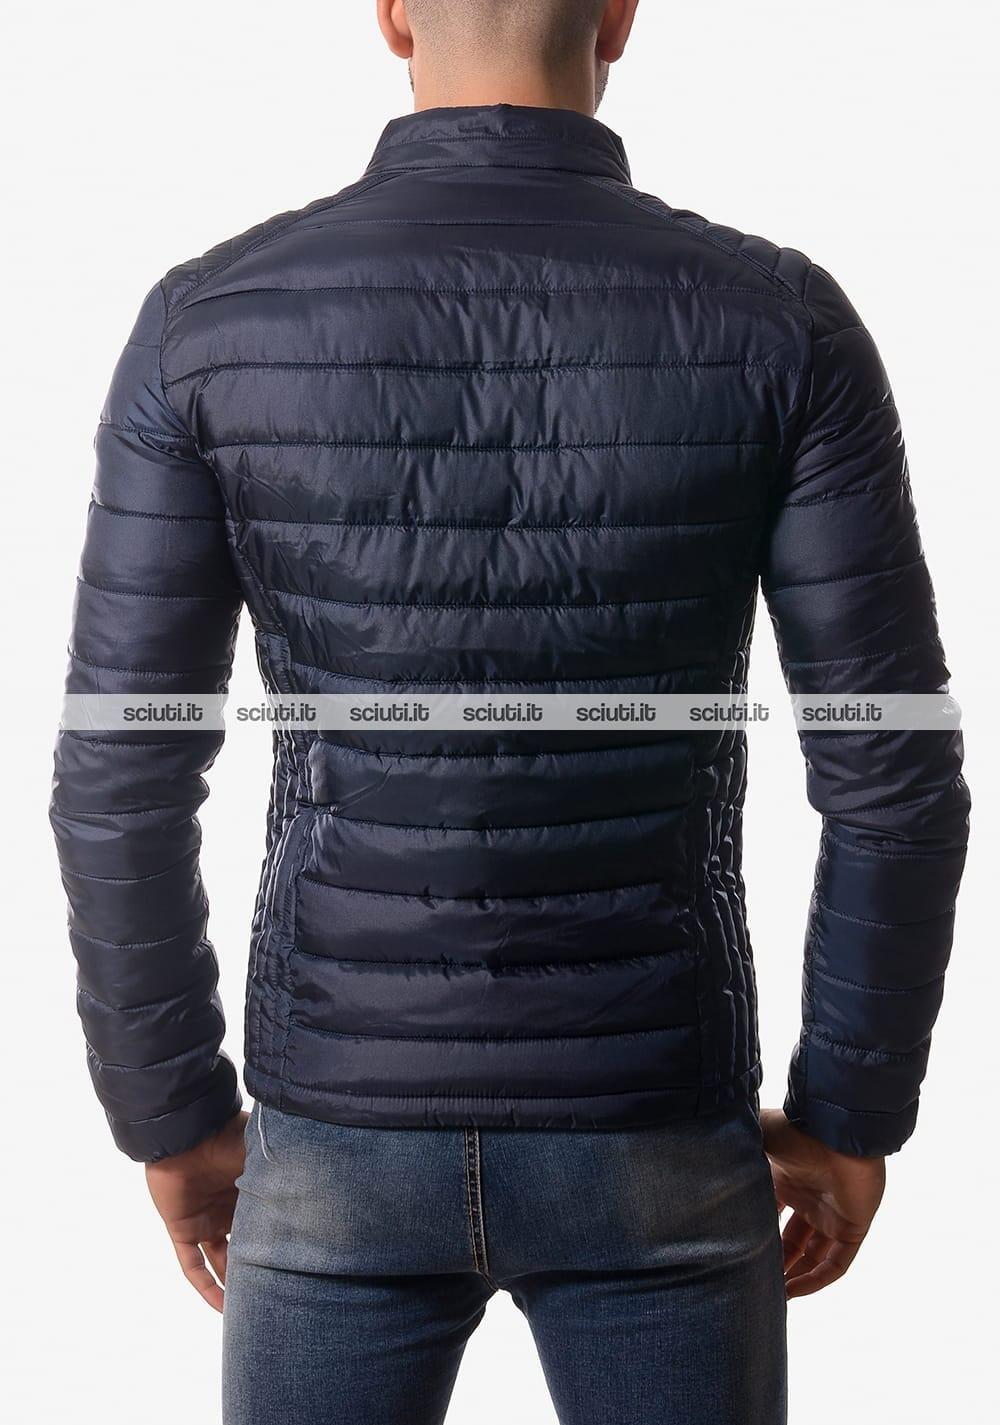 huge discount 138e8 2aa9f Piumino Guess uomo auricolari senza cappuccio blu scuro ...